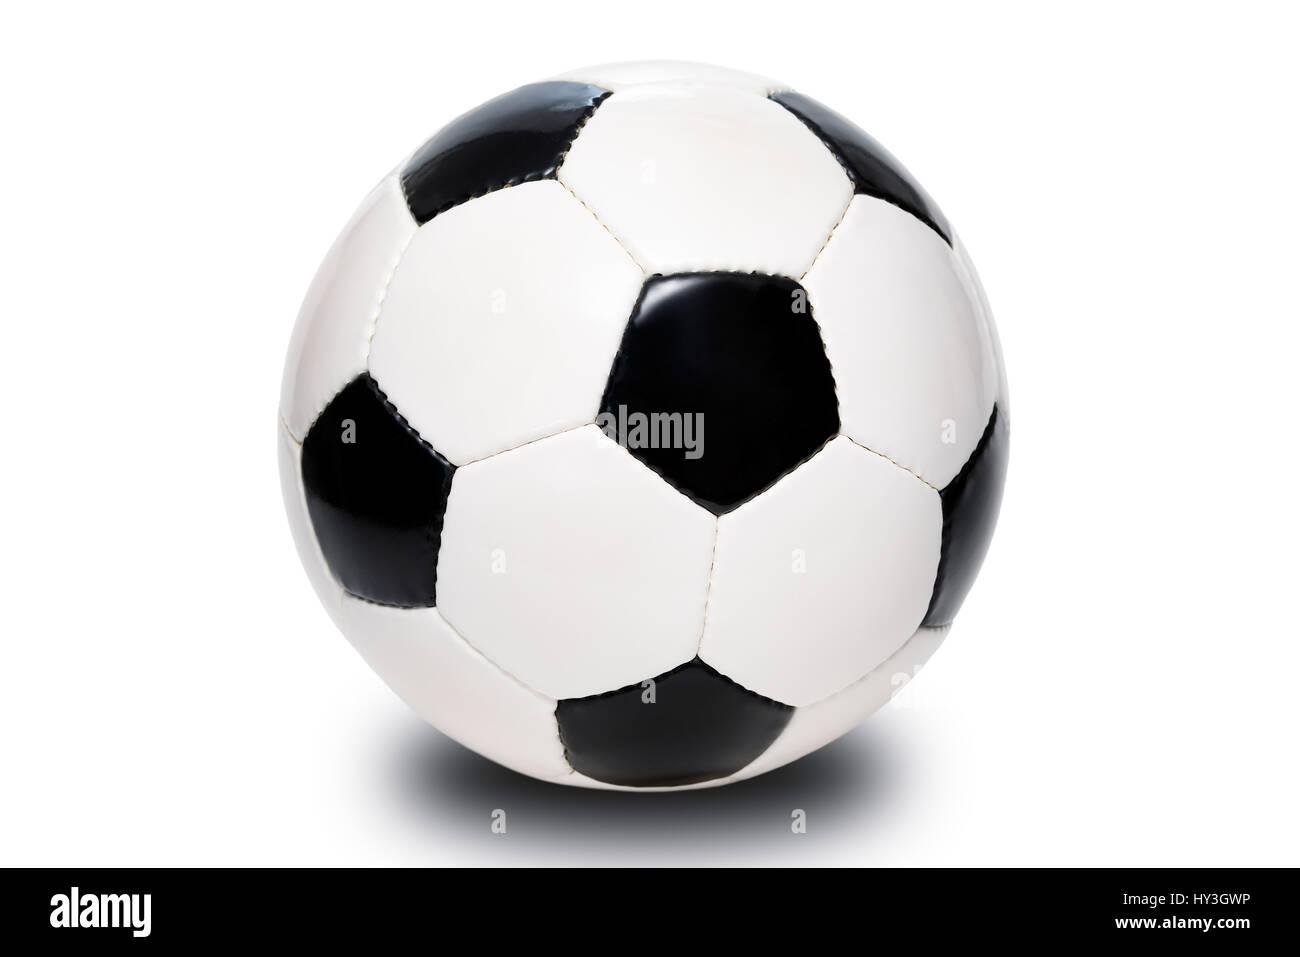 Black-and-white leather football, Germany, Hamburg, , Schwarz-weißer Lederfussball, Deutschland - Stock Image